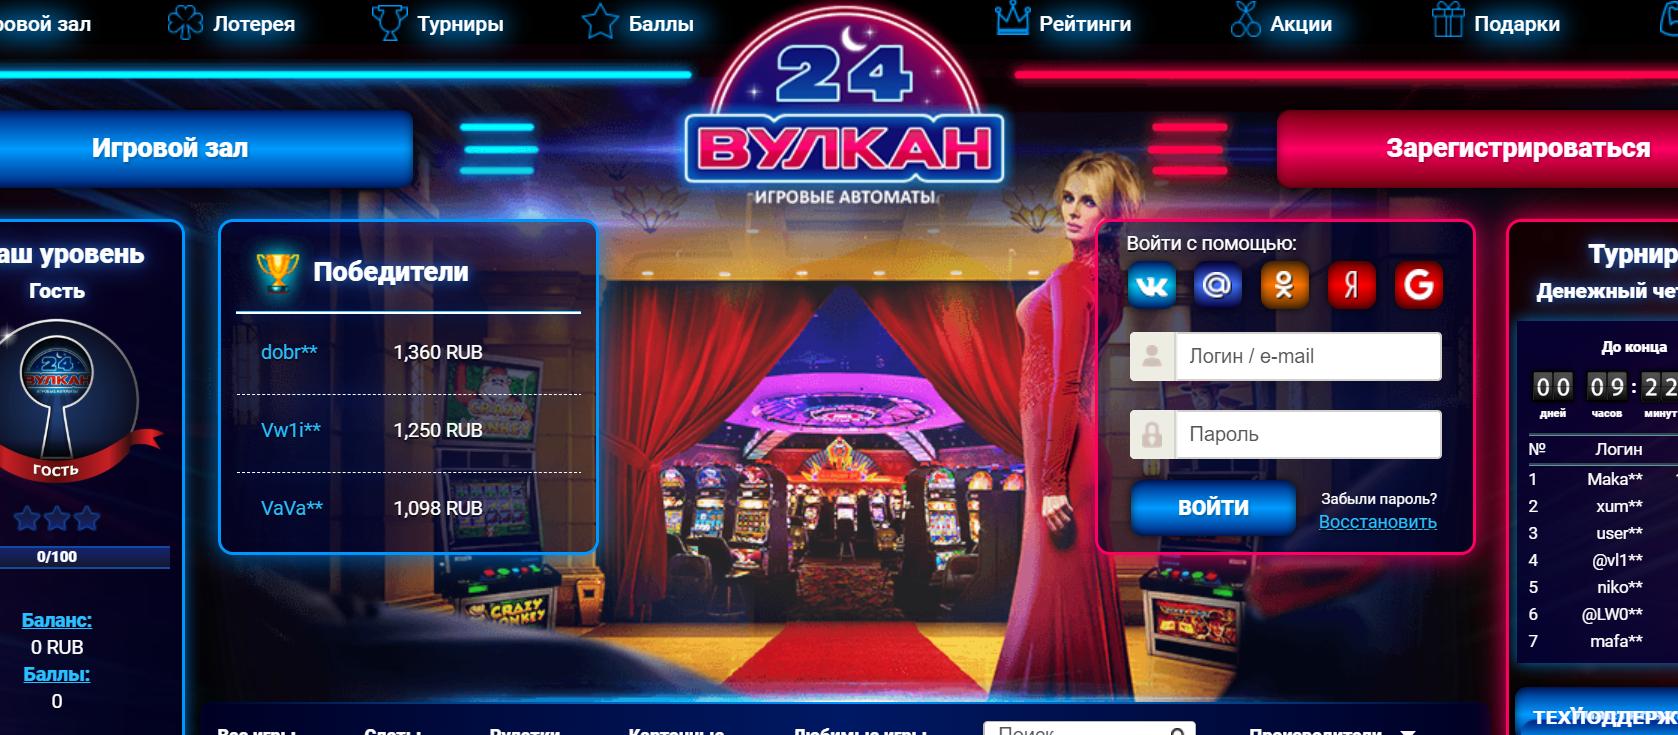 Игровые автоматы разных тематик в клубе Вулкан 24 карата